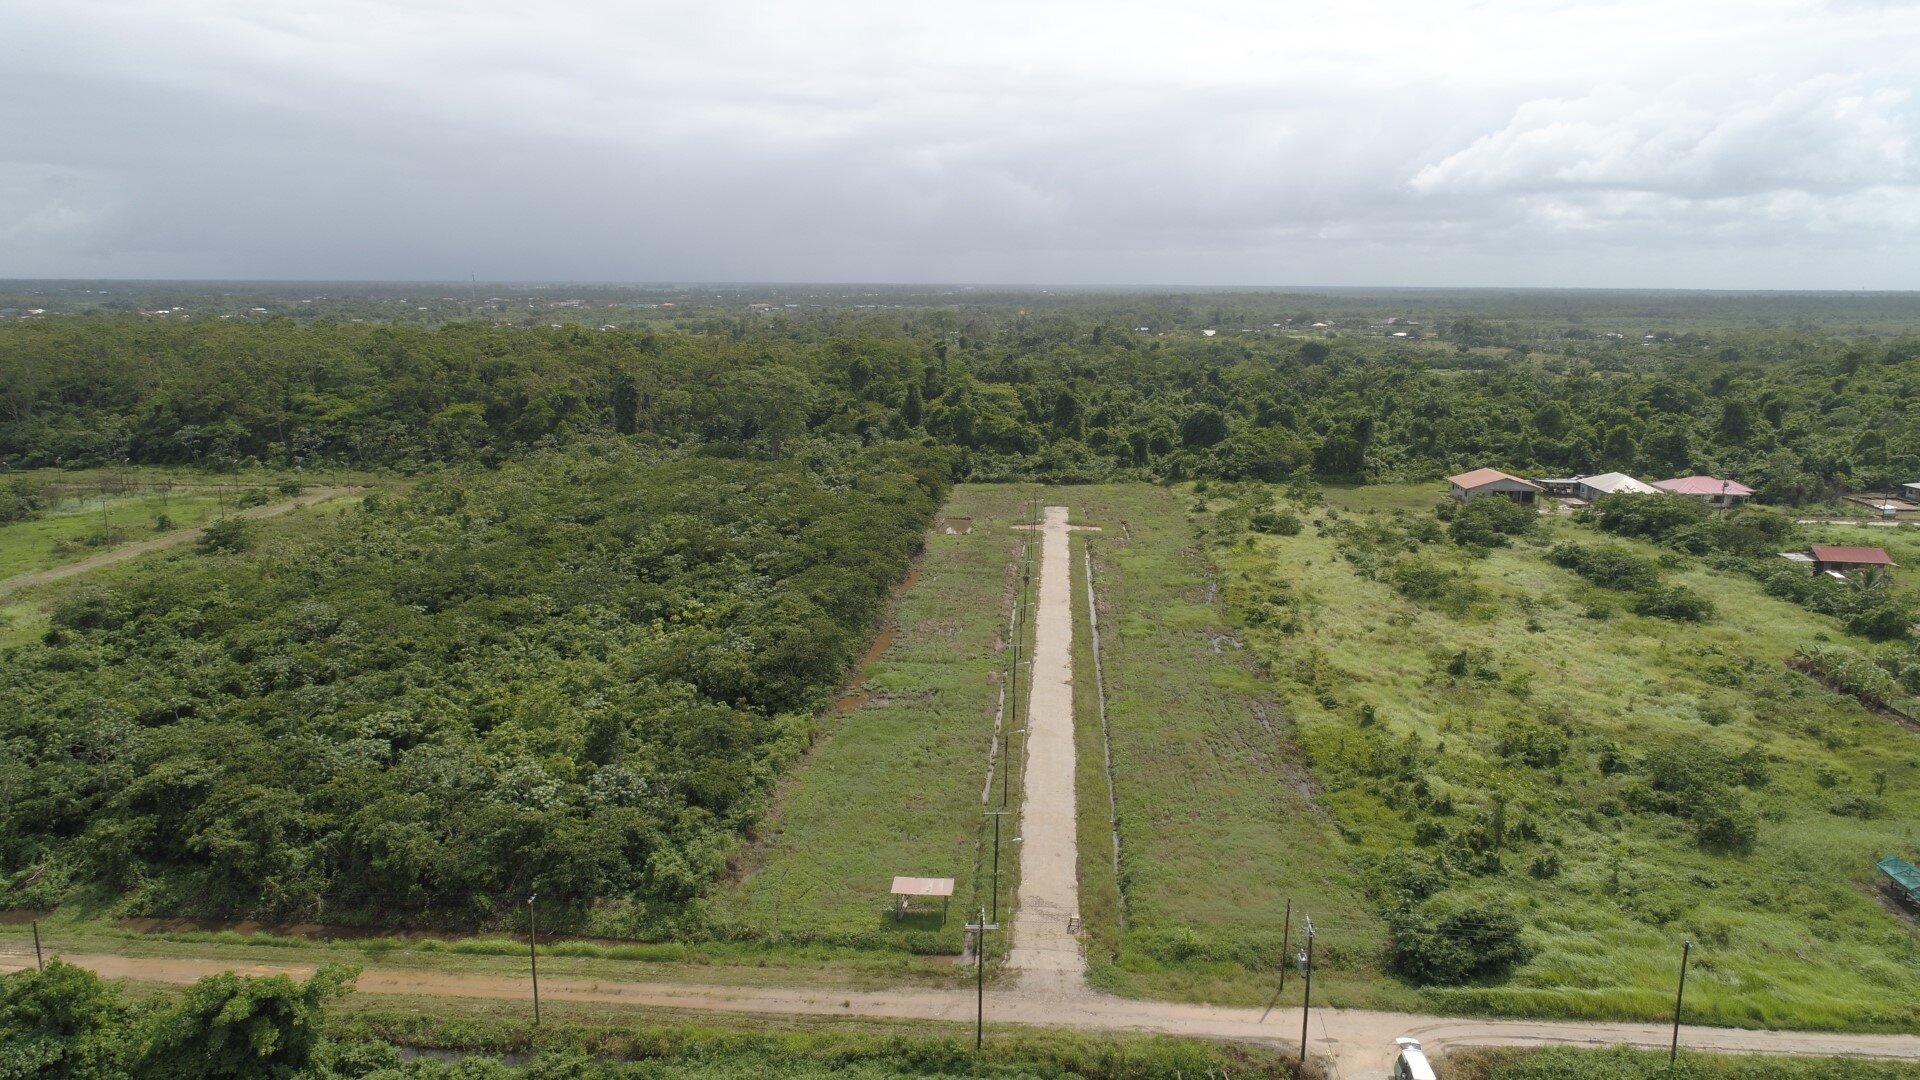 Zijstraat Richard Van Geenenweg - Een natuurgebied in ontwikkeling biedt kavels aan tegen een vriendelijke prijs. - Surgoed Makelaardij NV - Paramaribo, Suriname